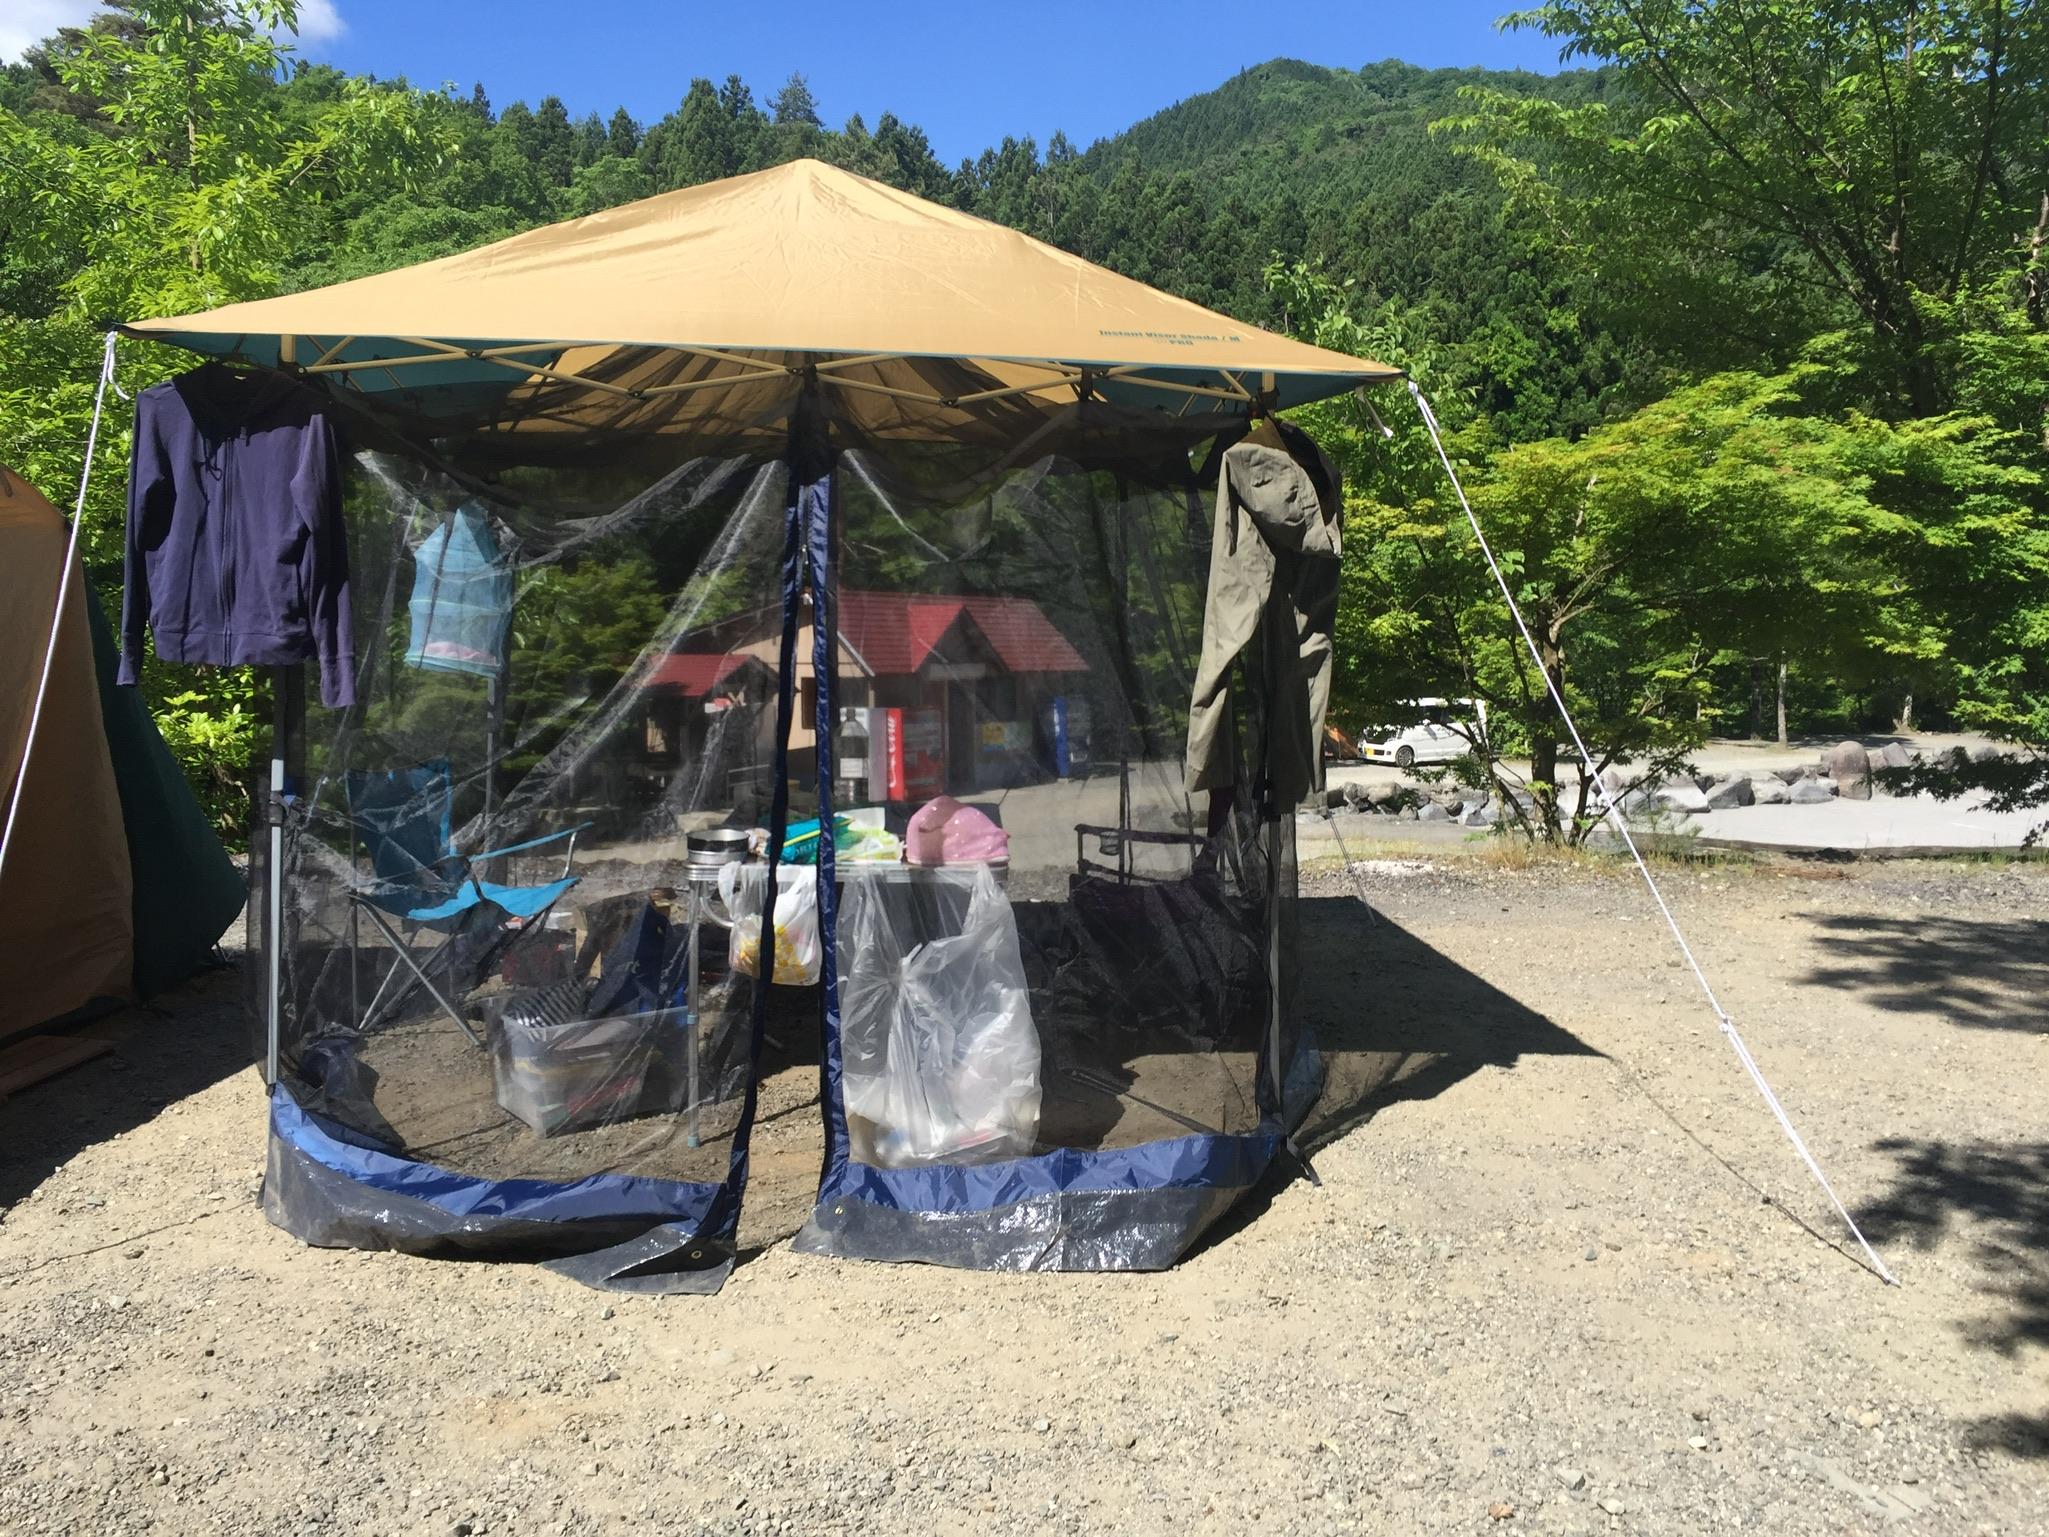 ゆるキャン△実写 第一話 ロケ地 本栖湖・浩庵キャンプ場